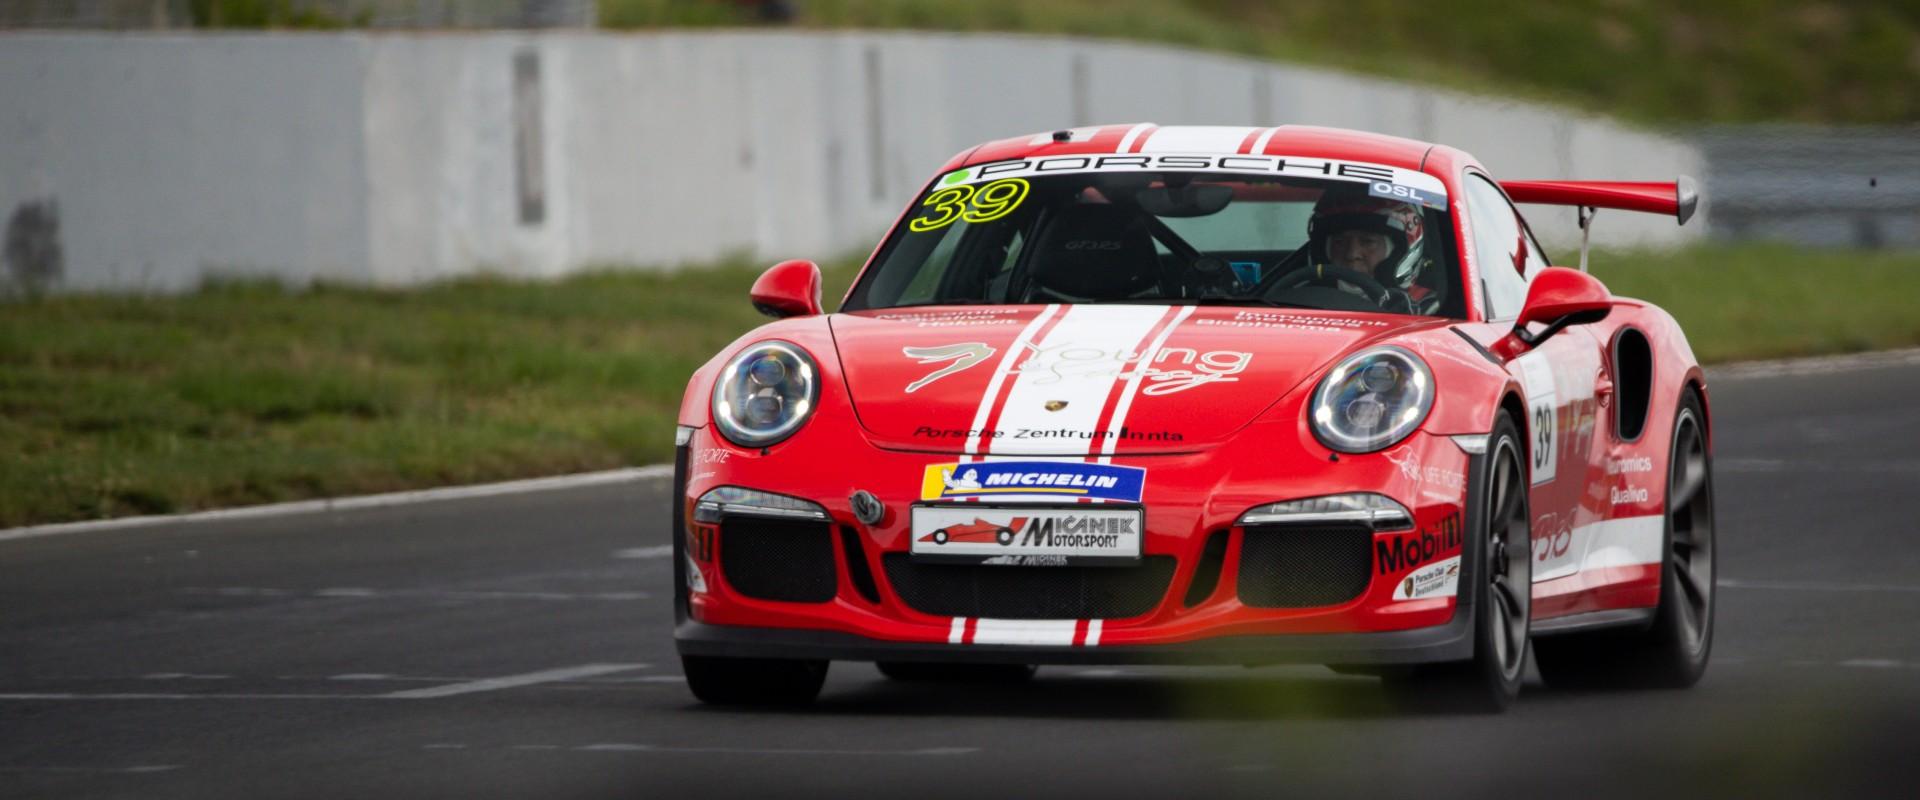 Tři závody, tři podia: Šmarda veze z Lausitzringu nejlepší výsledek sezony navzdory podmínkám